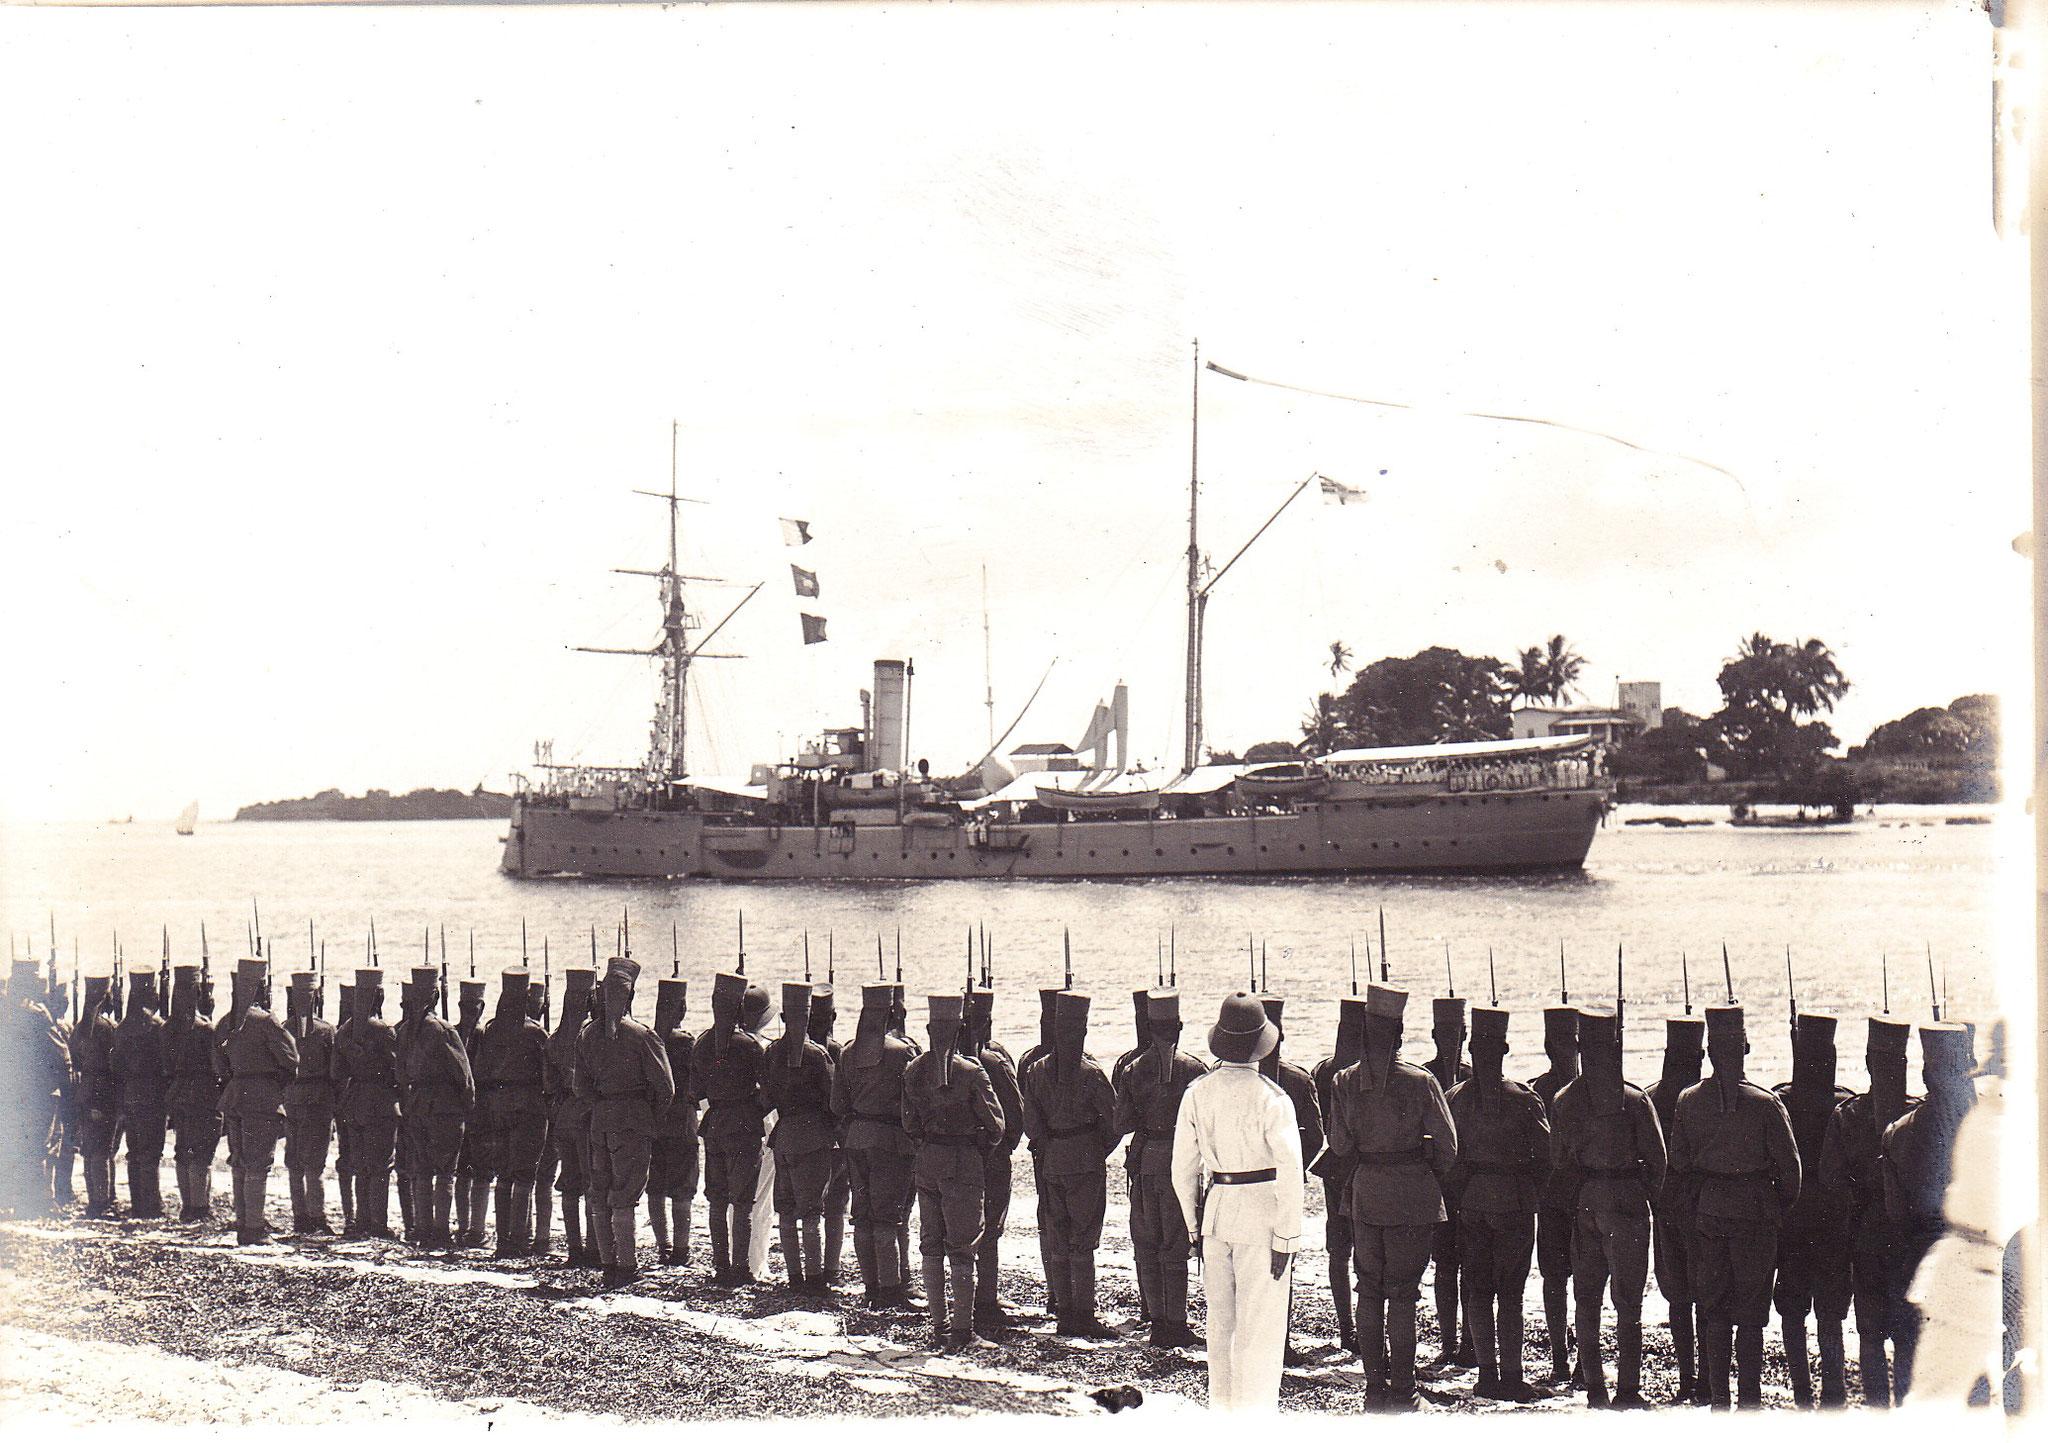 Verabschiedung und Ausreise S.M.S. Seeadler am 09.01.1914 zurück nach Deutschland I